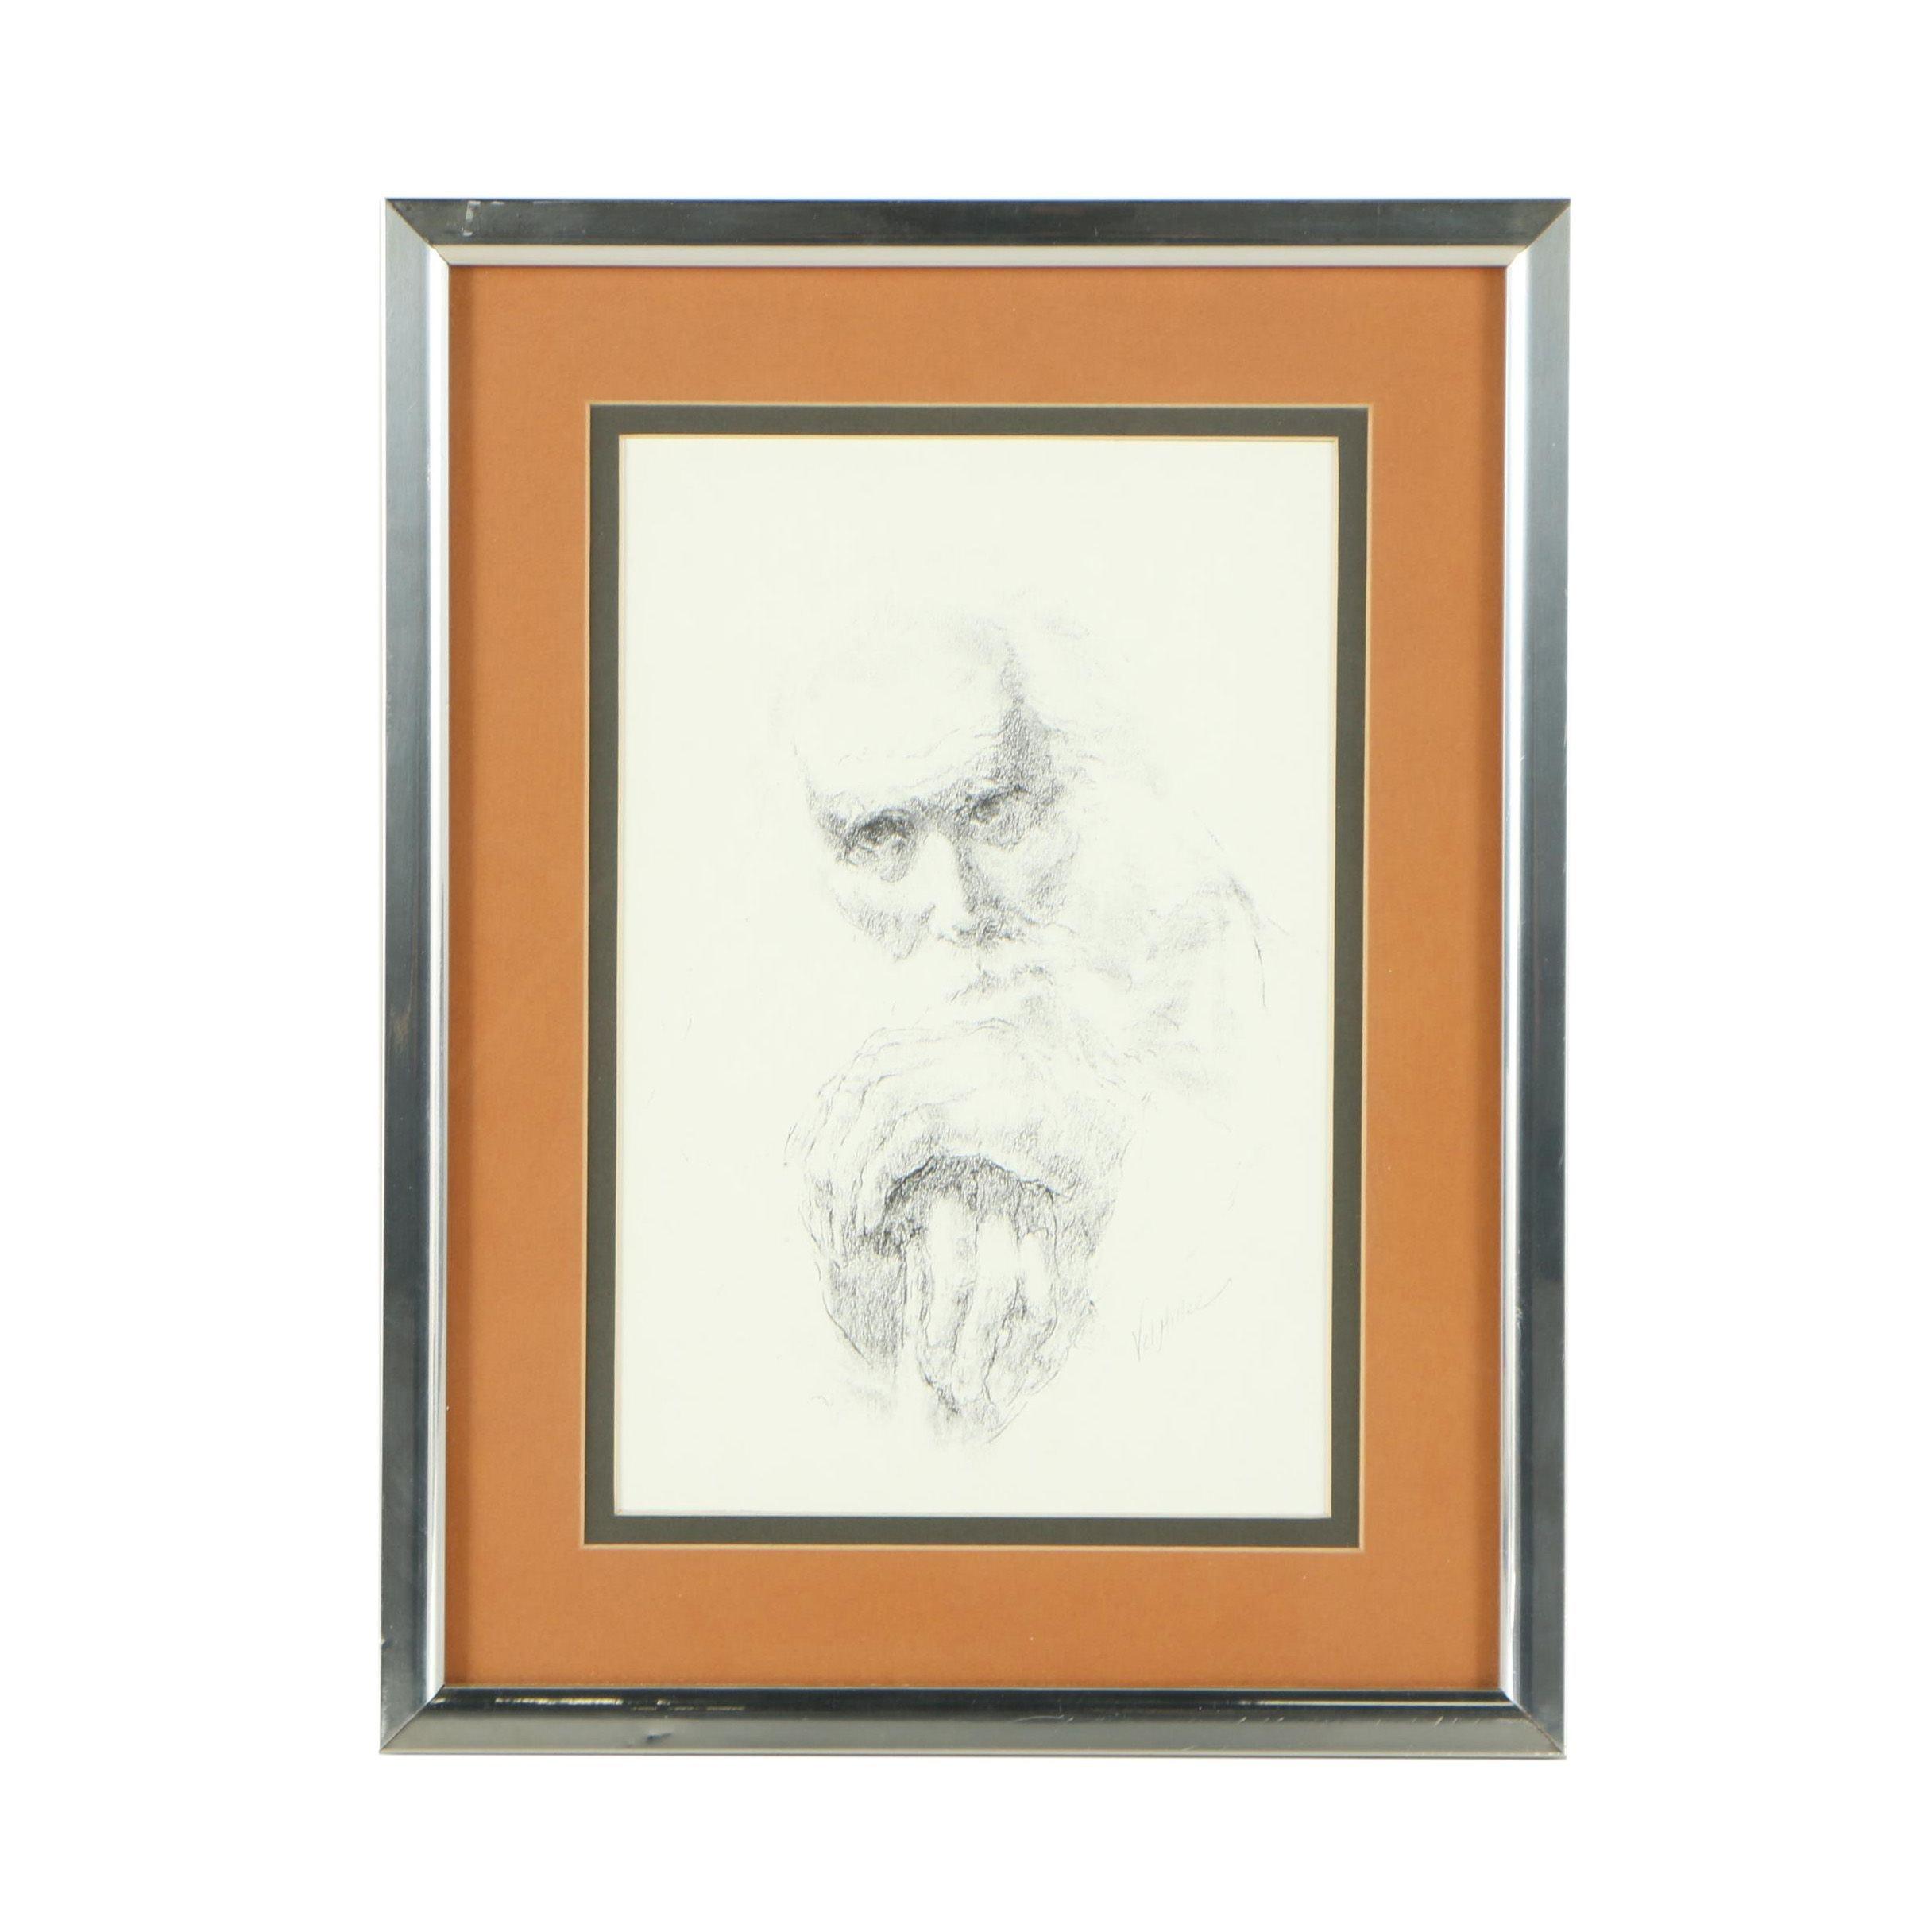 Halftone Print After Vel Miller Portrait of a Man